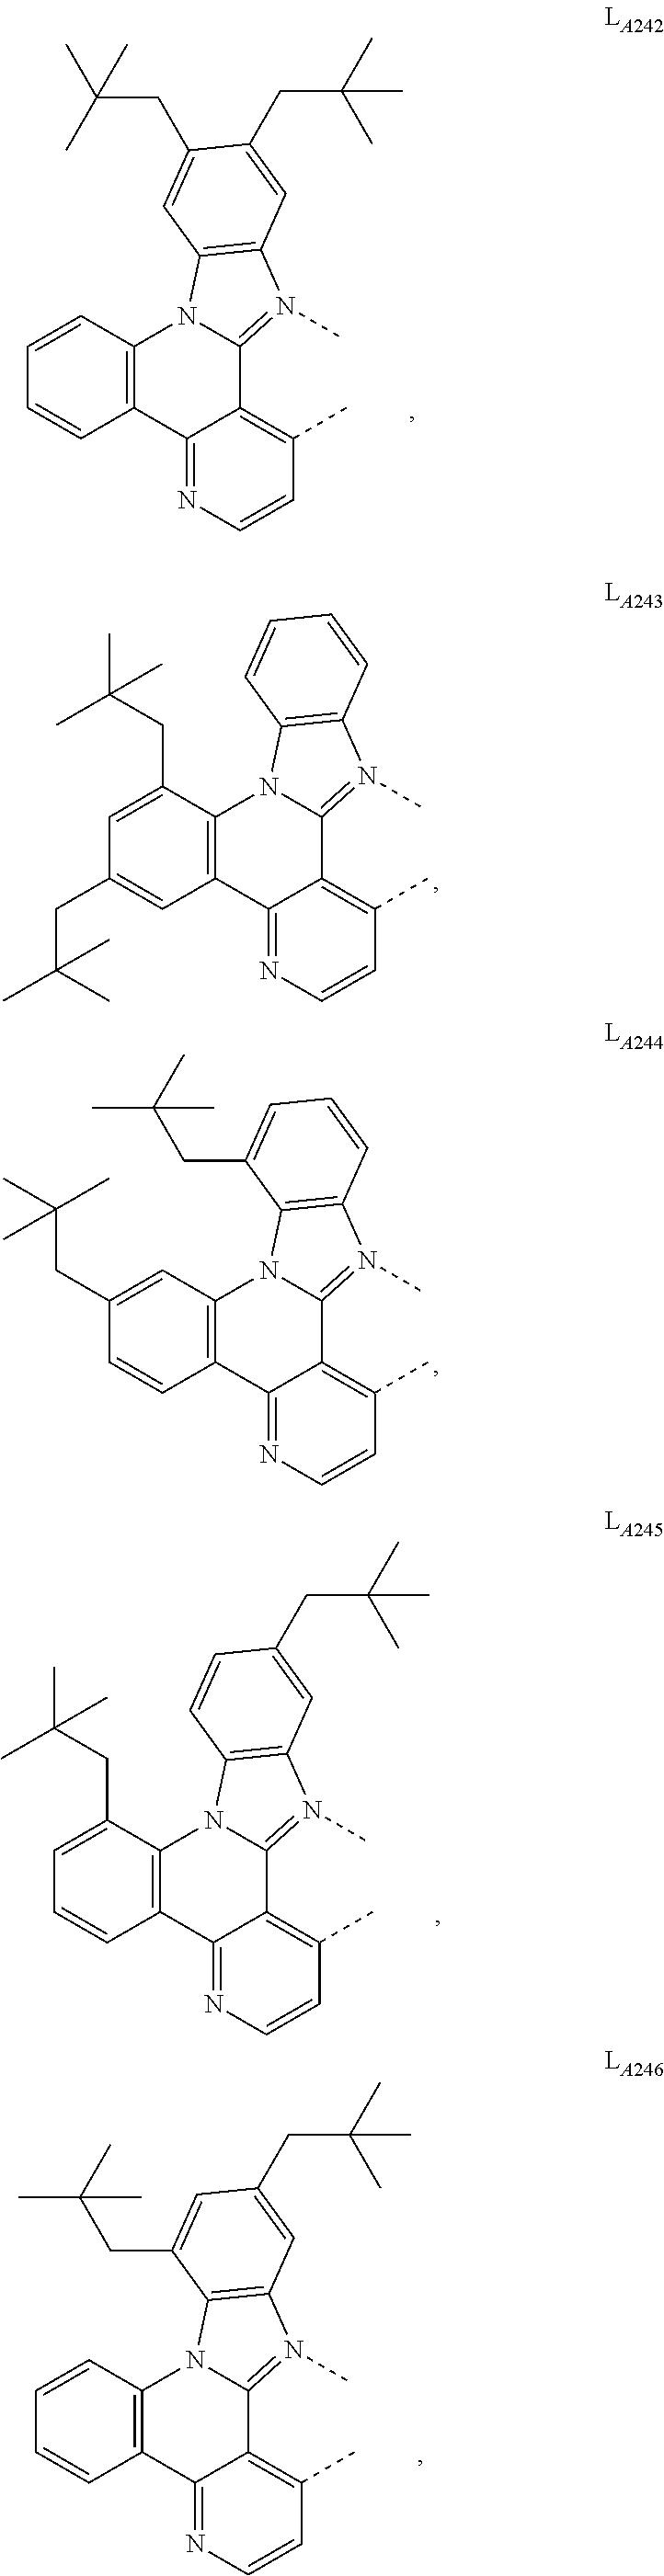 Figure US09905785-20180227-C00476